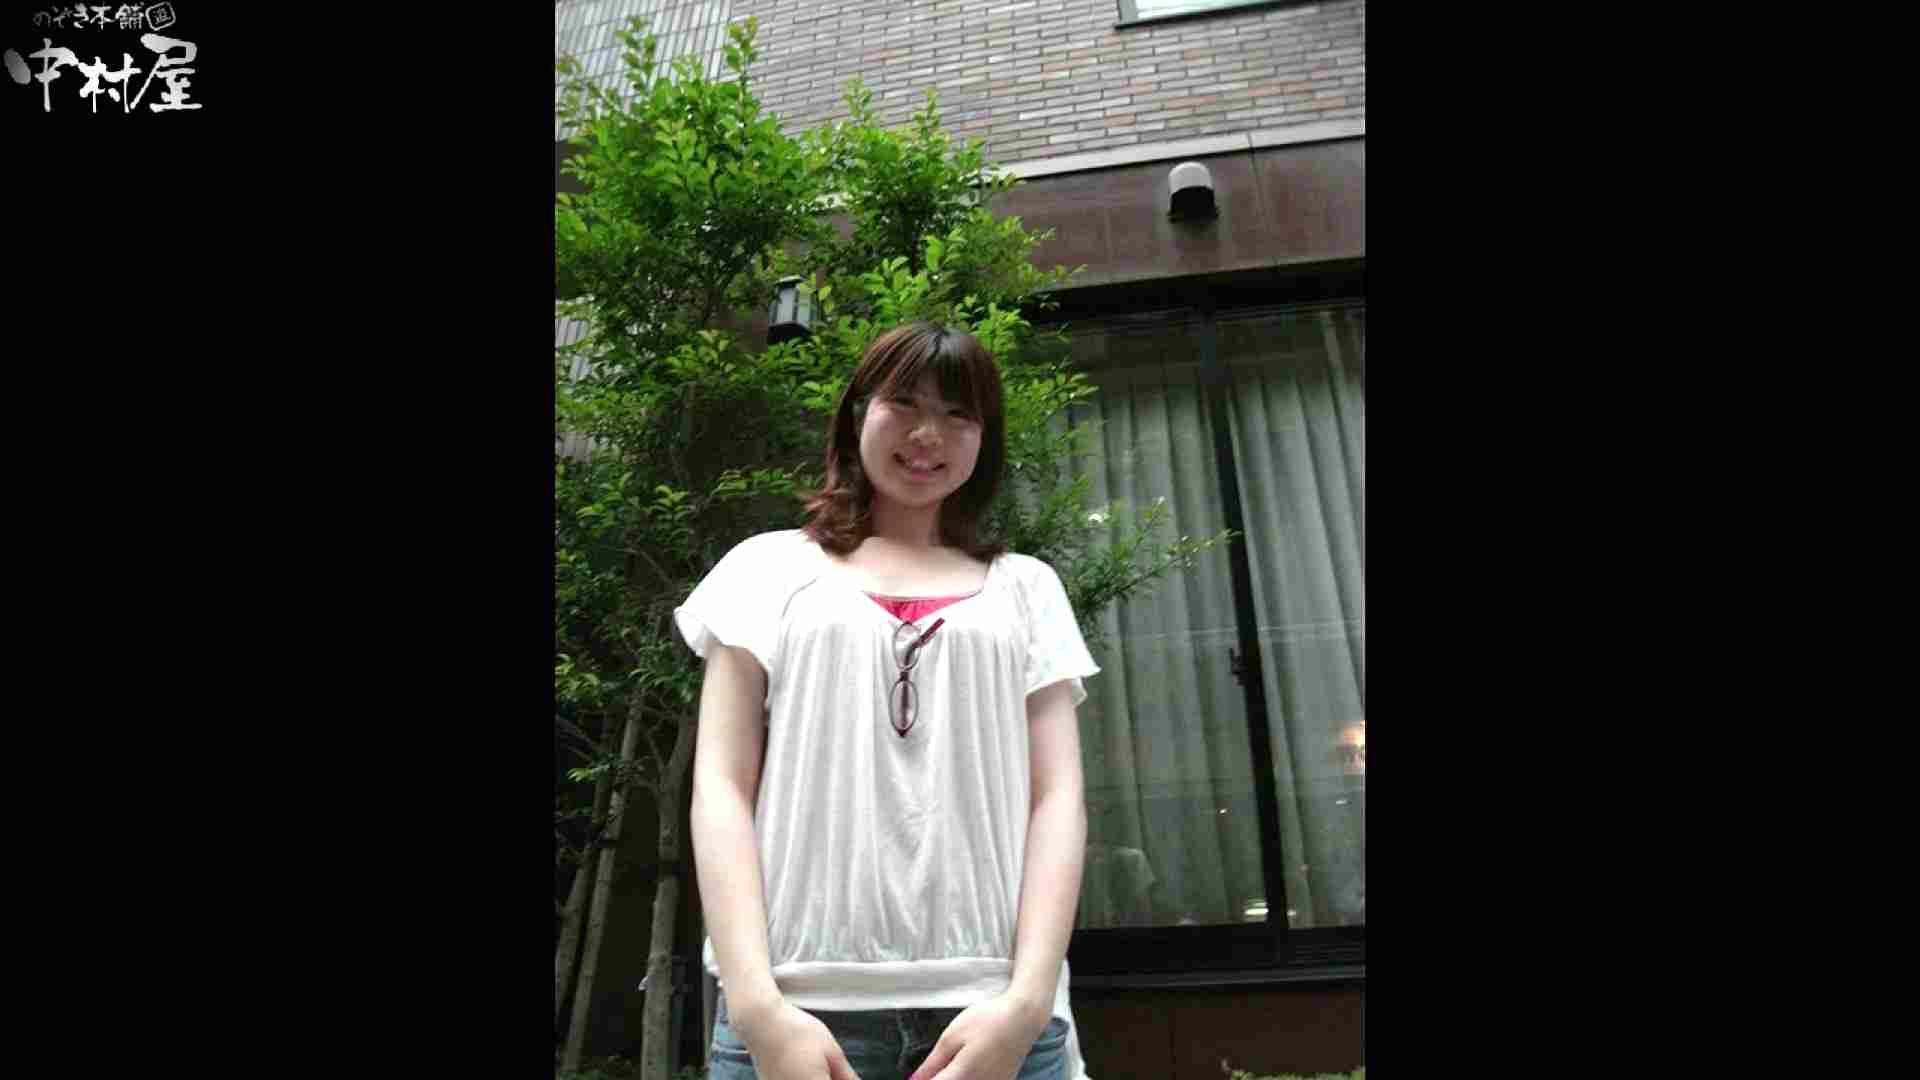 ネムリ姫 vol.57 浴衣 | イタズラ  45連発 1